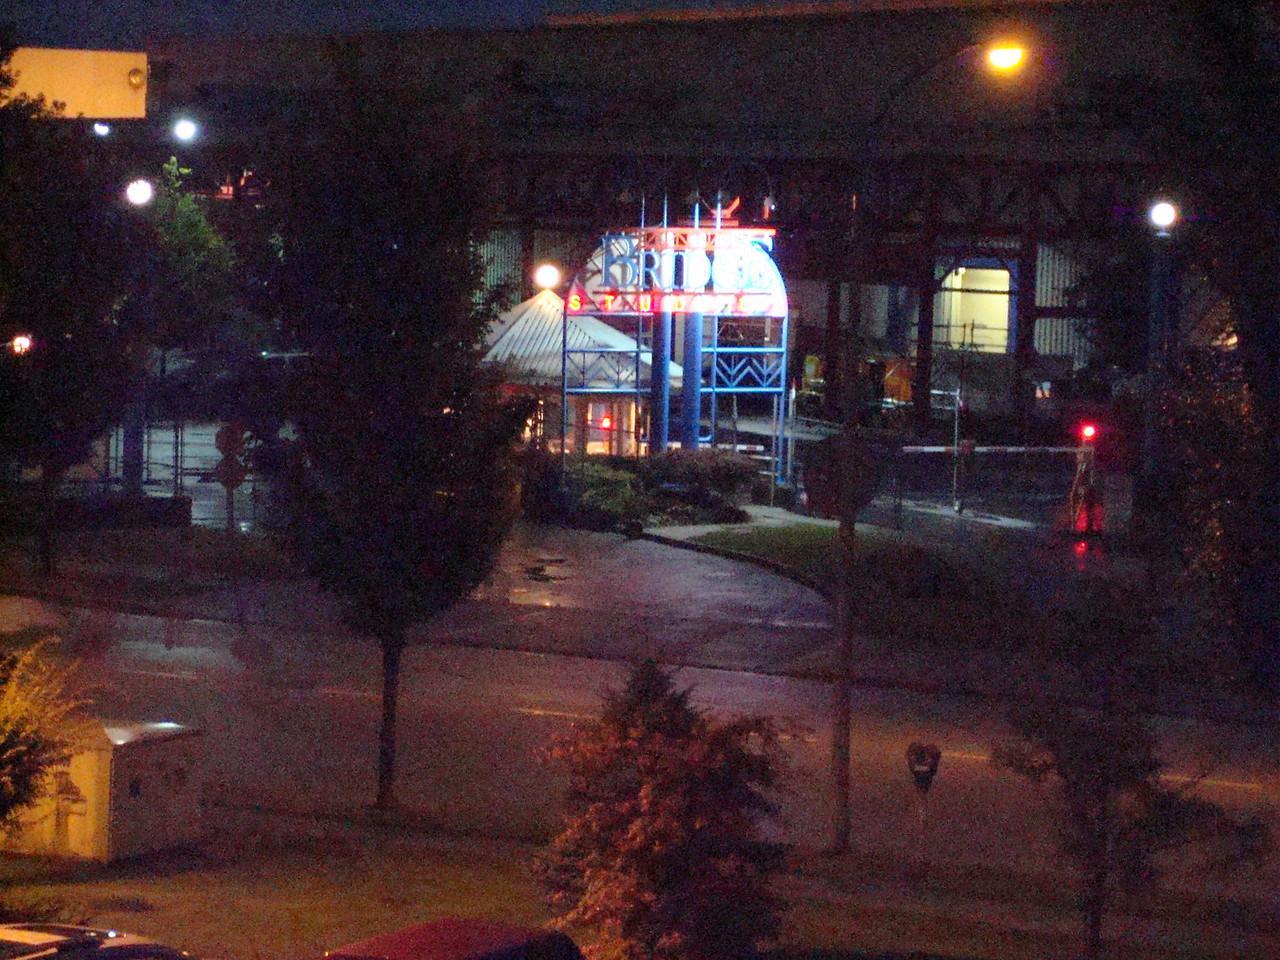 Bridge Studios, where Stargate is filmed, across the street from our hotel